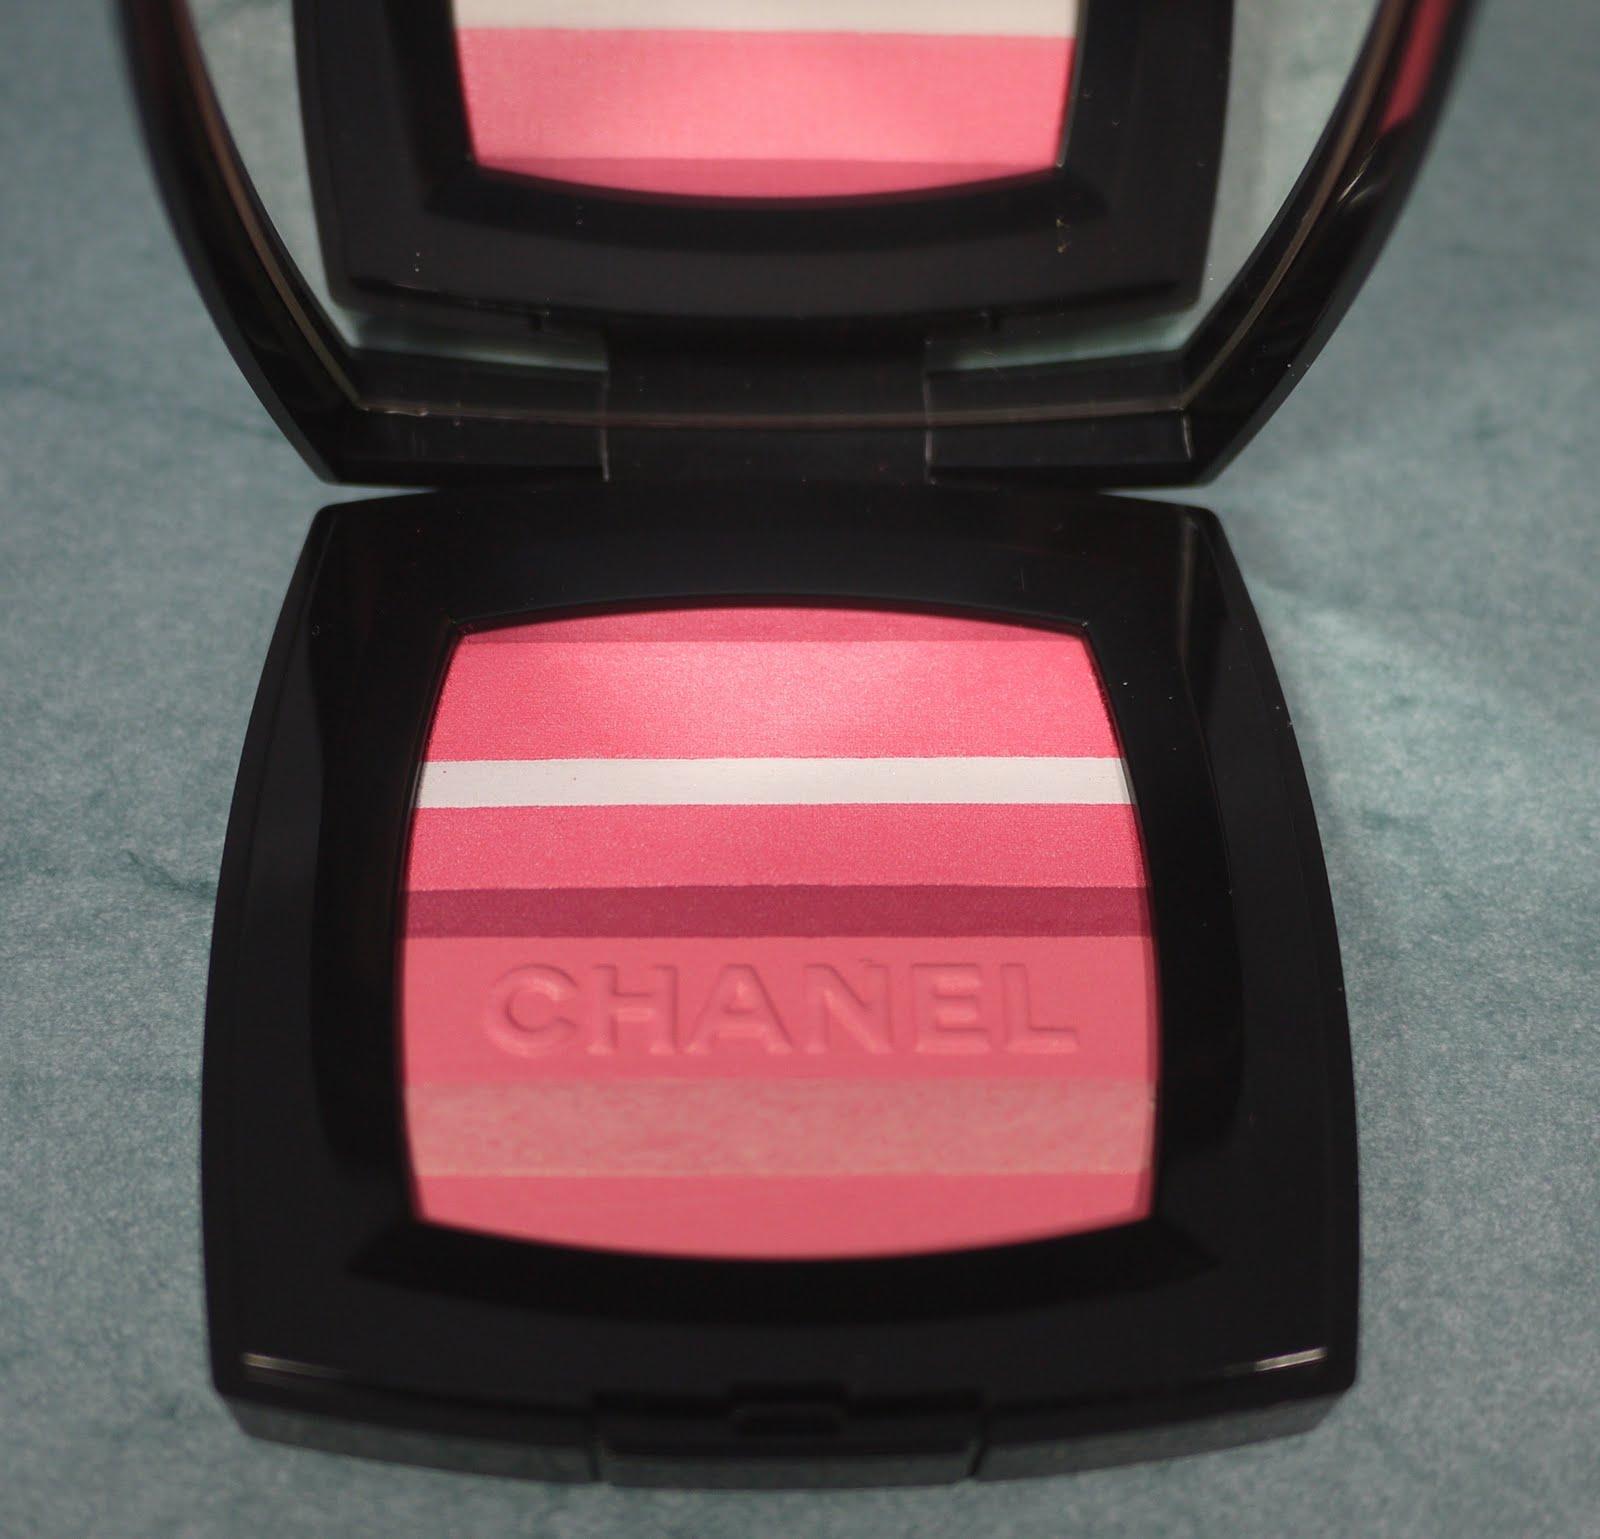 Best Things in Beauty: Chanel Blush Horizon de Chanel Soft Glow ...